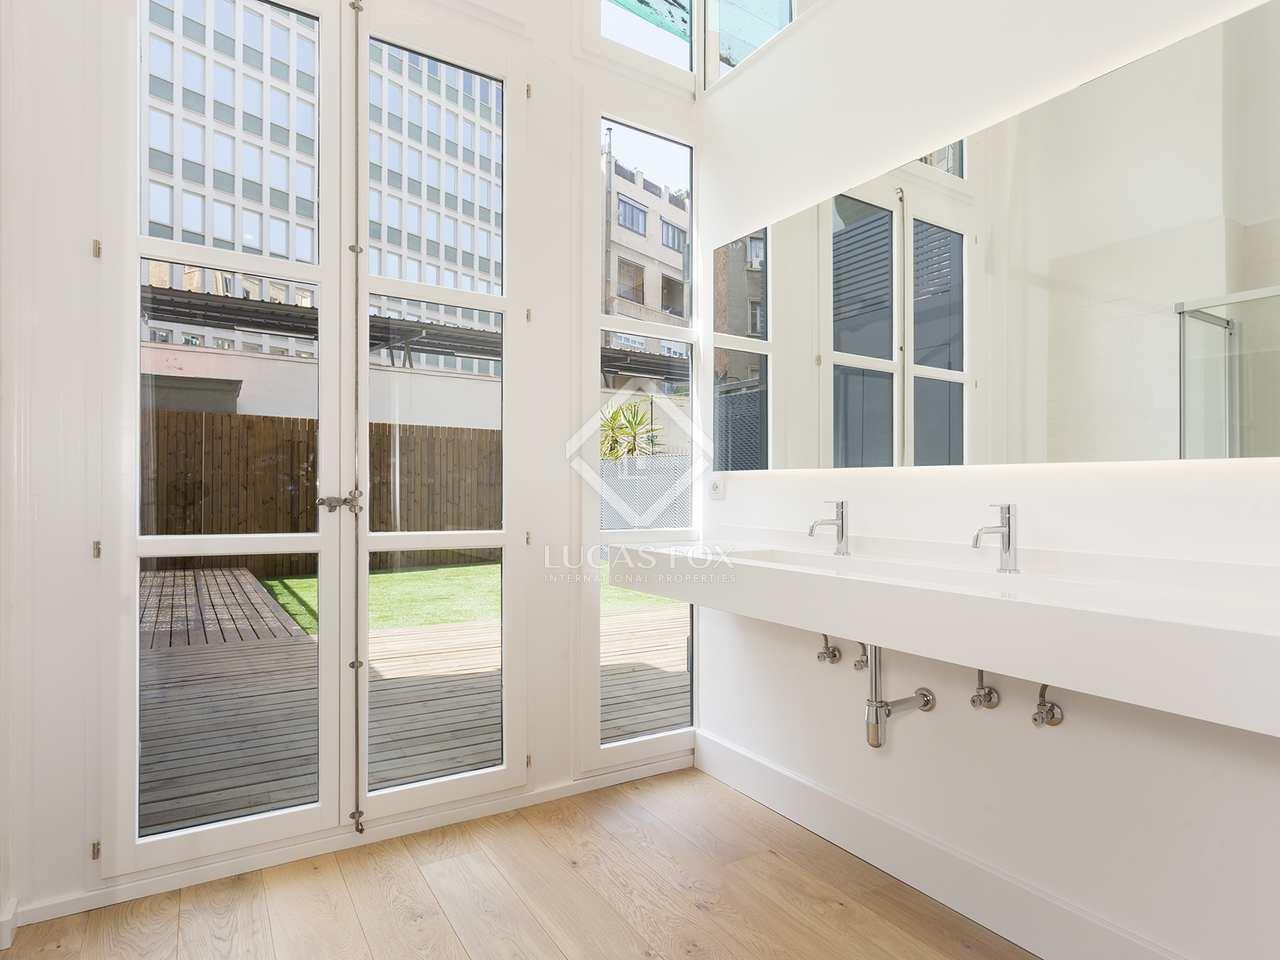 138m wohnung mit 50m terrasse zum verkauf in eixample links. Black Bedroom Furniture Sets. Home Design Ideas